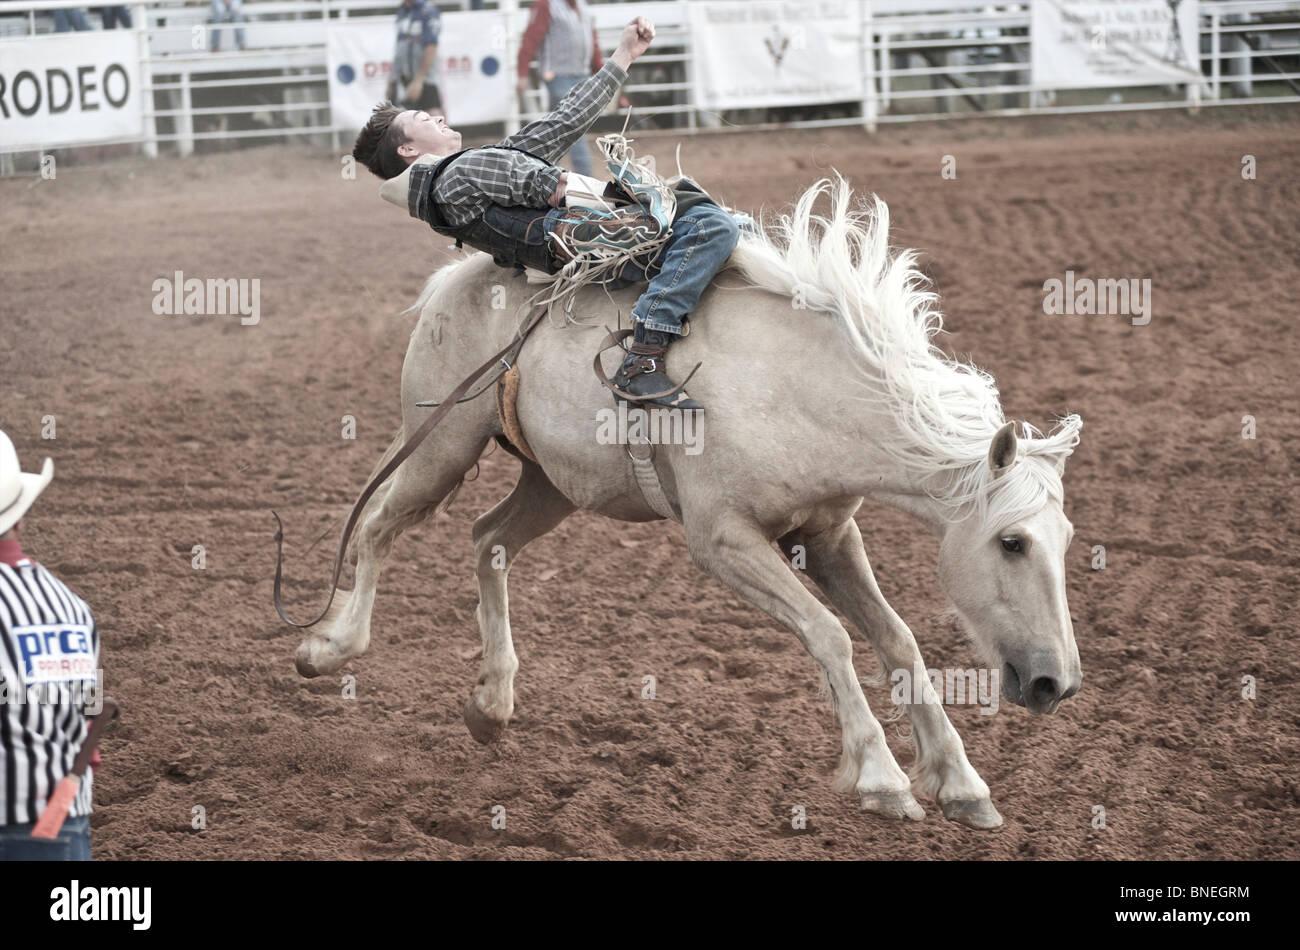 Lancer cheval Rodeo Cowboy Membre de l'érythroblastopénie à partir de son retour à Petite-ville Bridgeport, Texas, États-Unis Banque D'Images